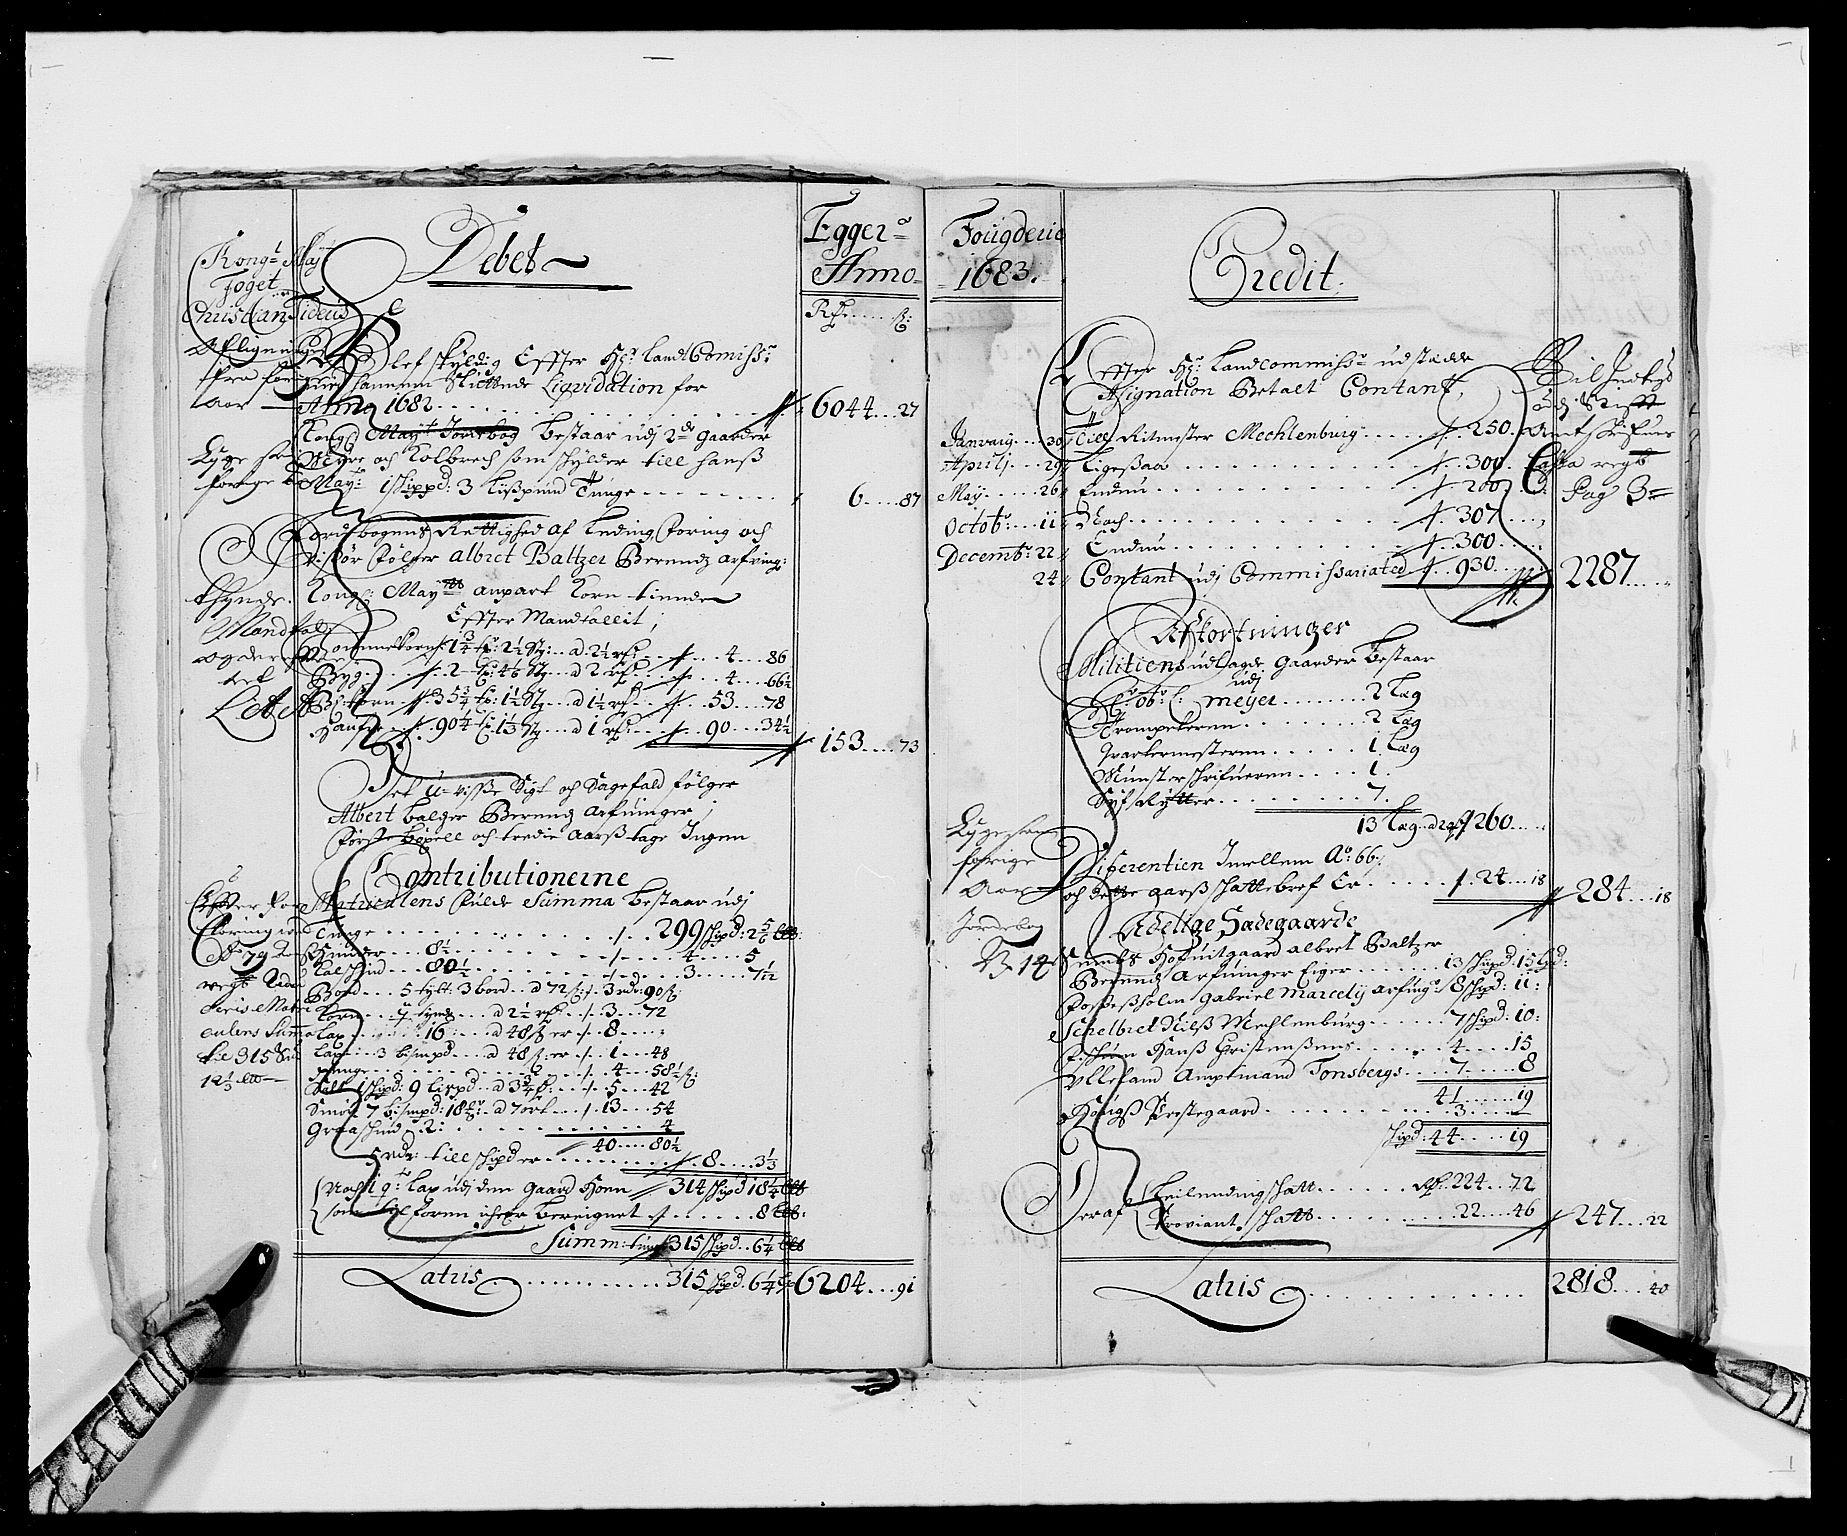 RA, Rentekammeret inntil 1814, Reviderte regnskaper, Fogderegnskap, R26/L1684: Fogderegnskap Eiker, 1679-1686, s. 18